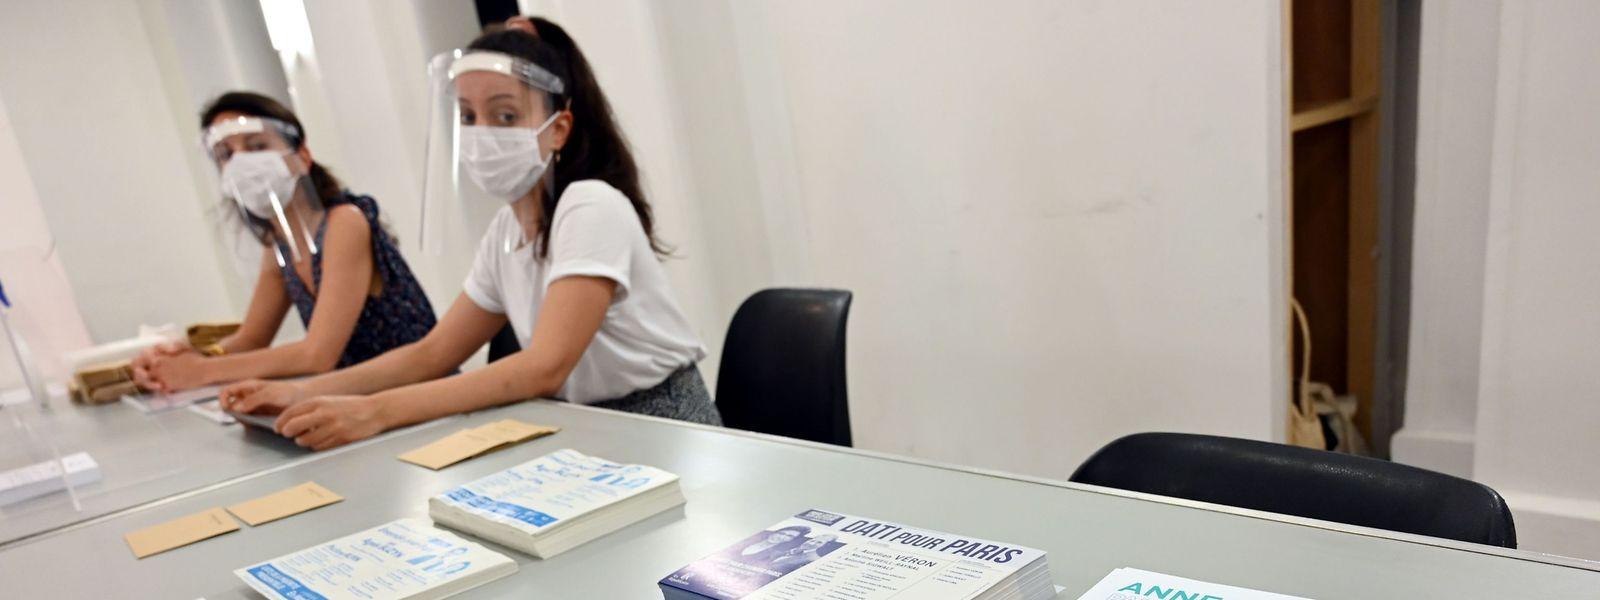 Am Sonntag findet die zweite Runde der Kommunalwahlen in Frankreich statt, die aufgrund der Corona-Pandemie verschoben worden war.